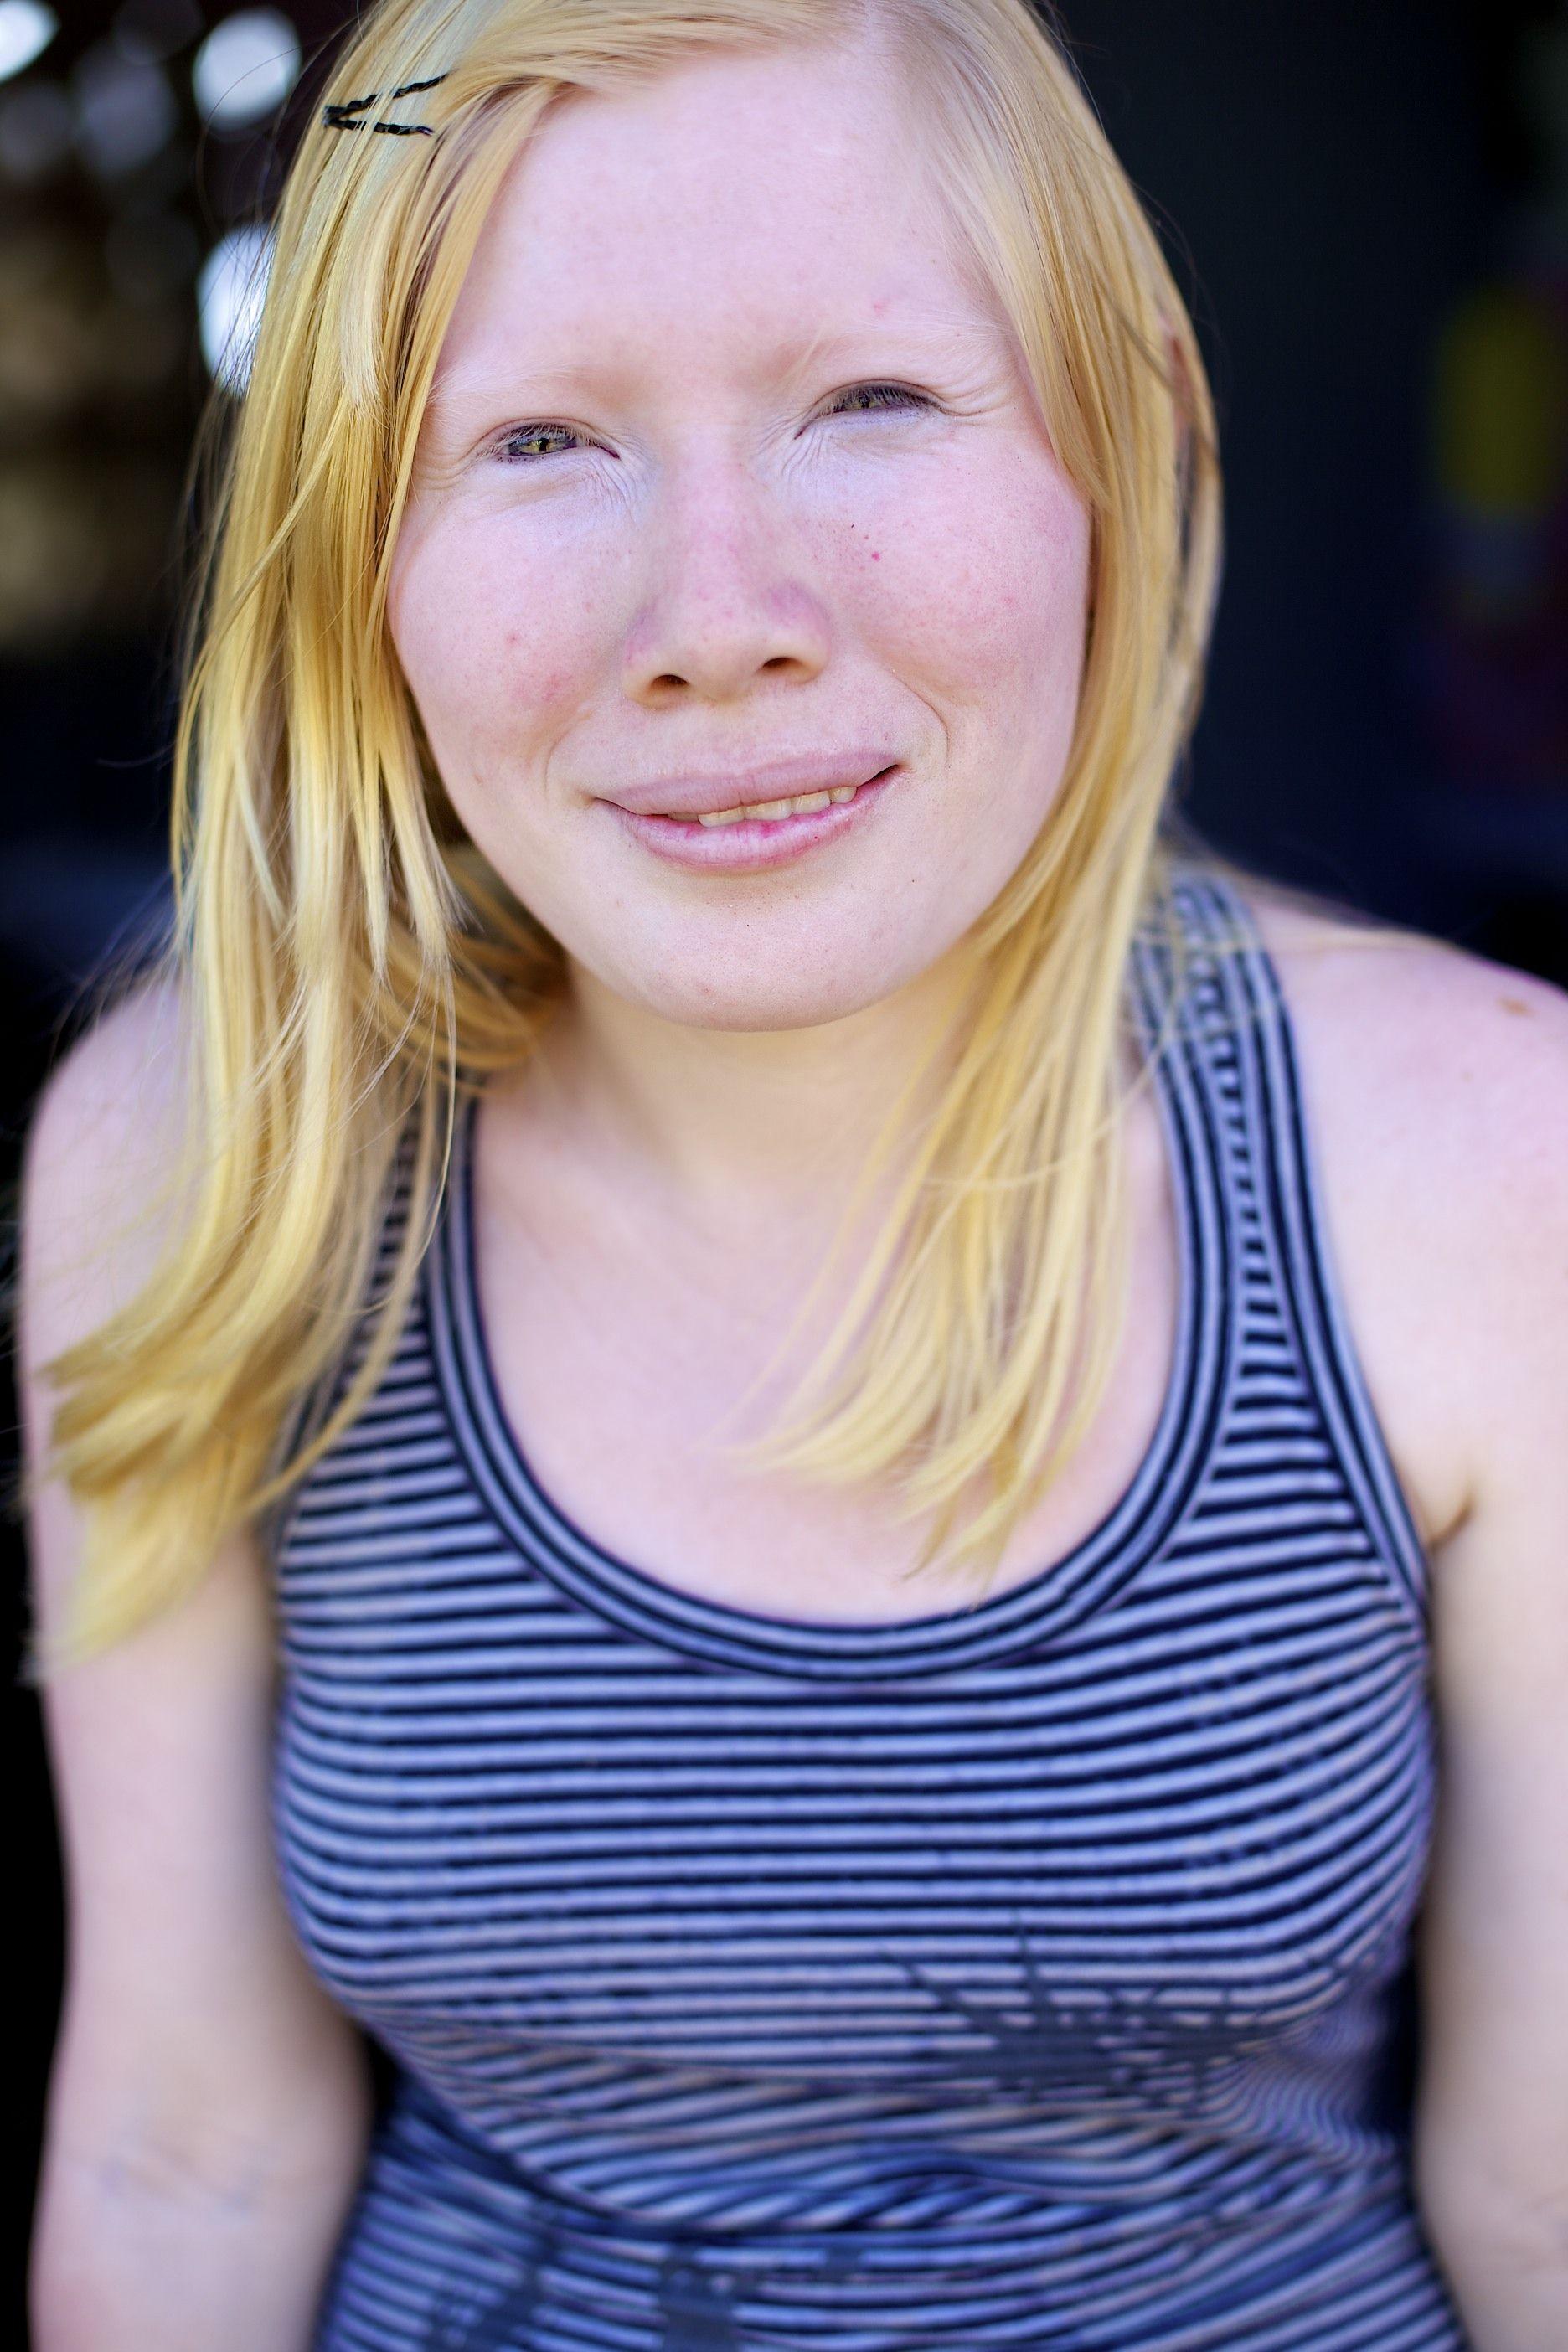 Albino dating